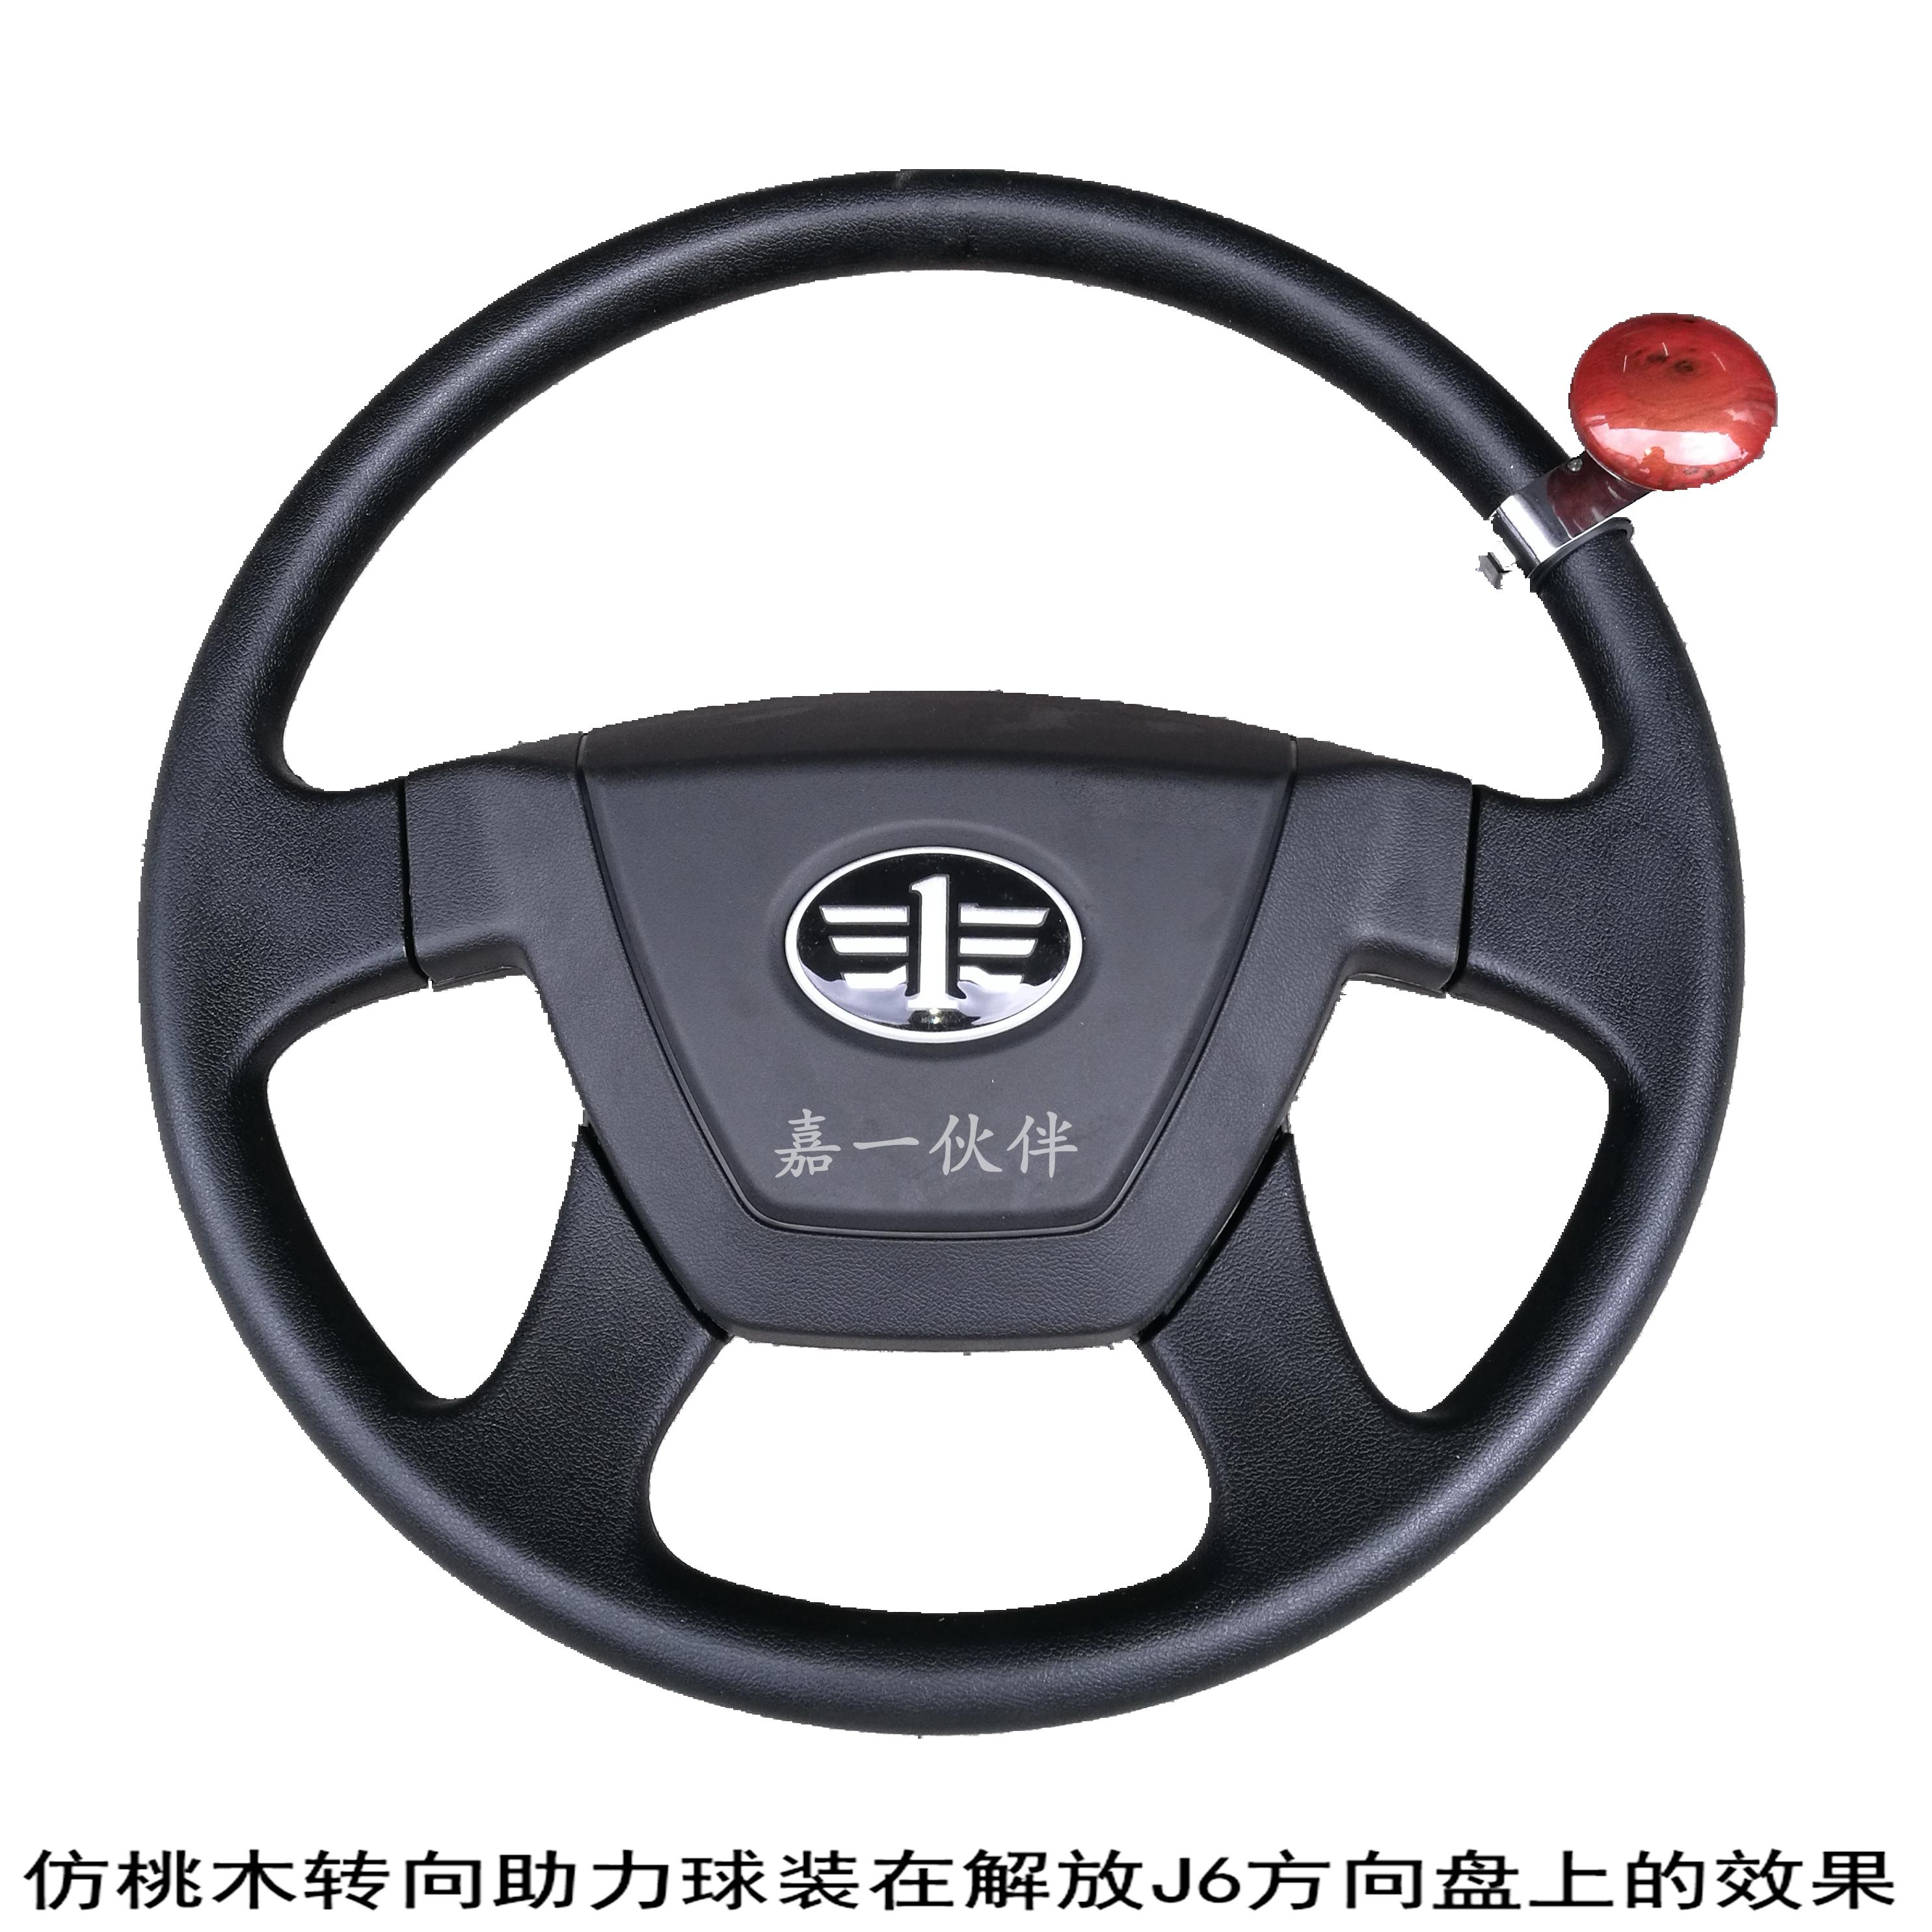 paketet efter lastbilen van ratten justerbar ratt öka boll en boosterdos av - hjälpmedel